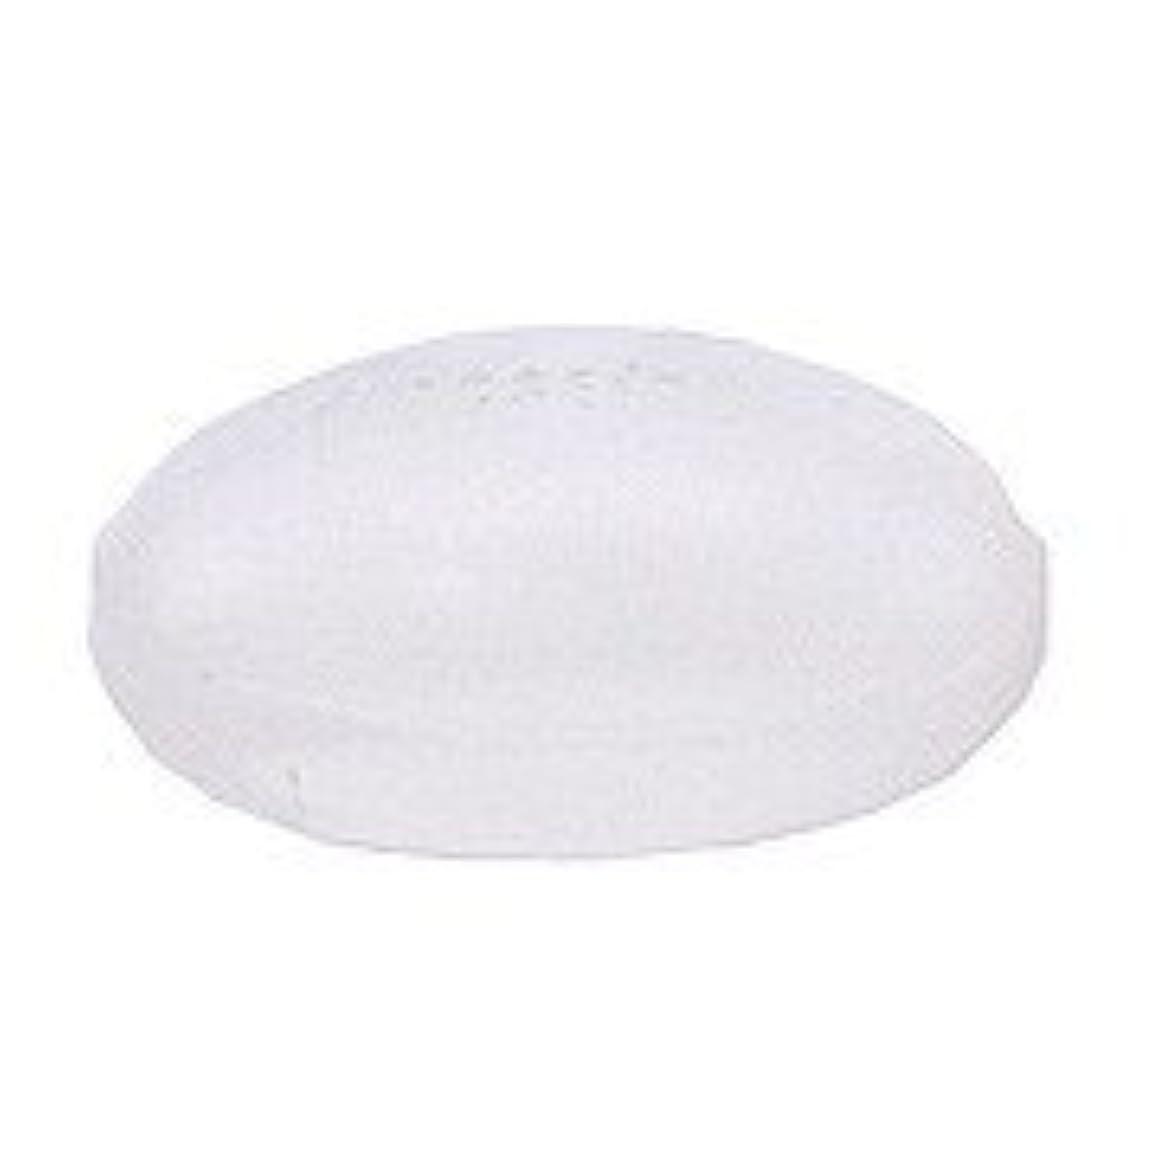 流星少数楕円形アクセーヌ フェイシャルソープ AD 透明洗顔石鹸 100g